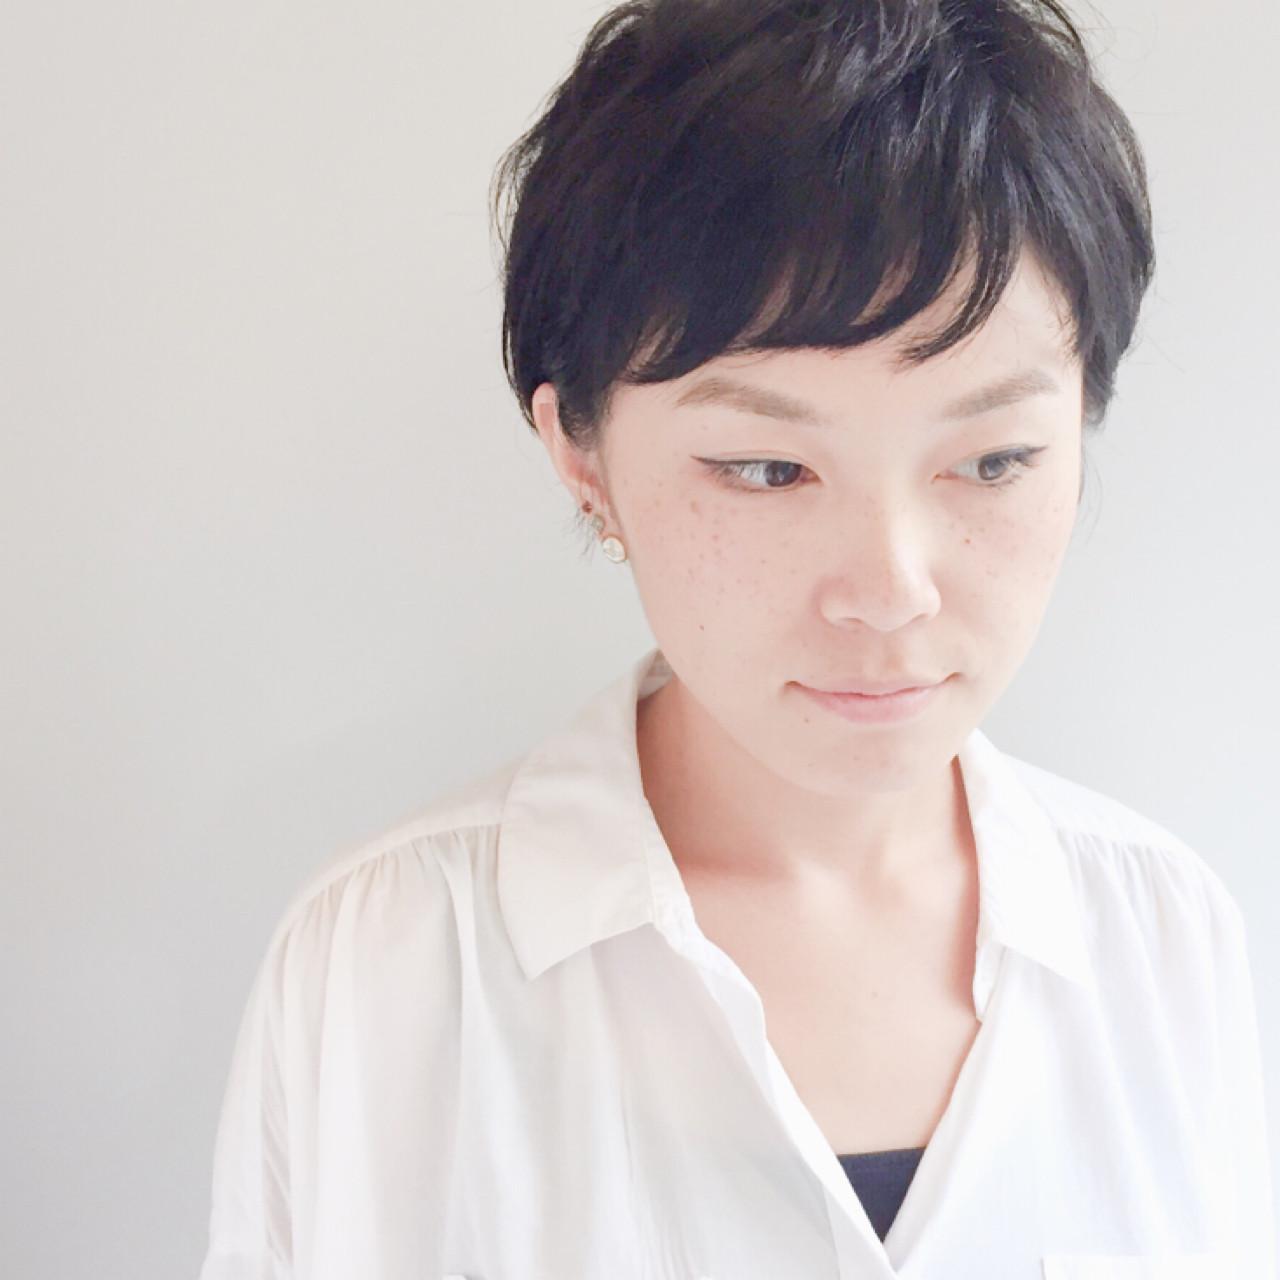 こなれ感 似合わせ 小顔 黒髪 ヘアスタイルや髪型の写真・画像 | 横田 絵美/MOK/神戸元町 / MOK 神戸元町店